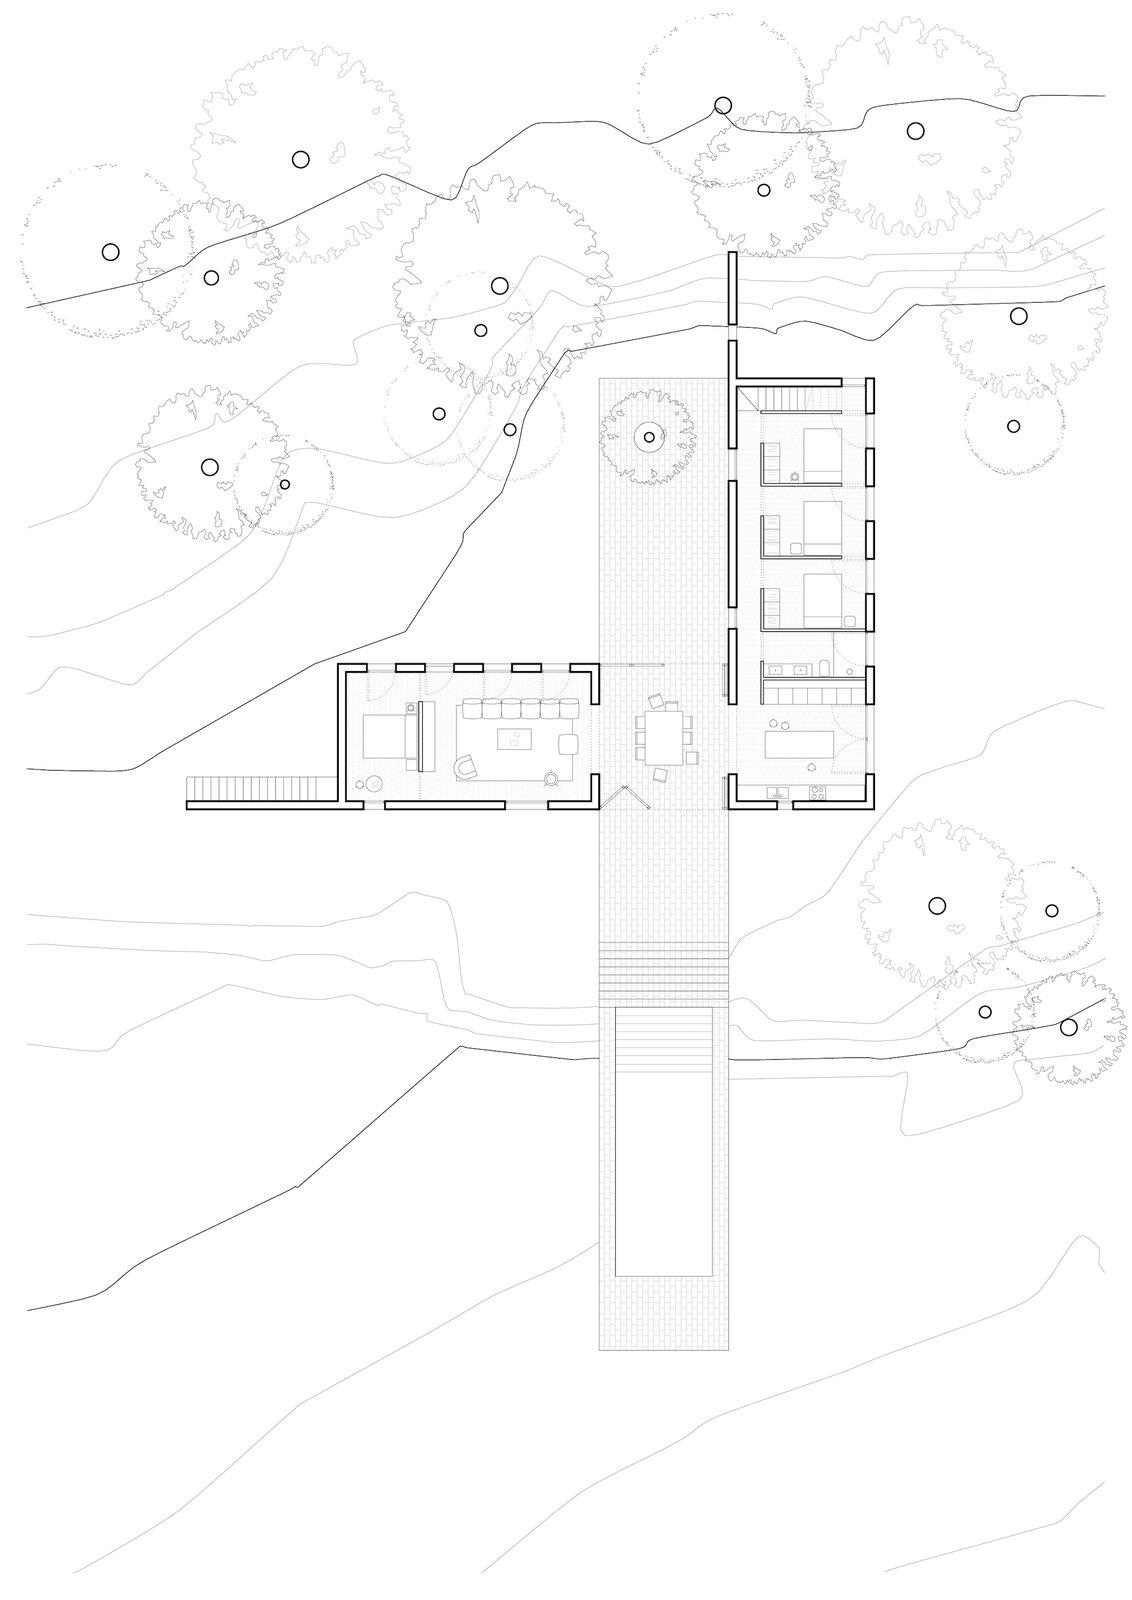 Floor plan of Casa Ter by Mesura